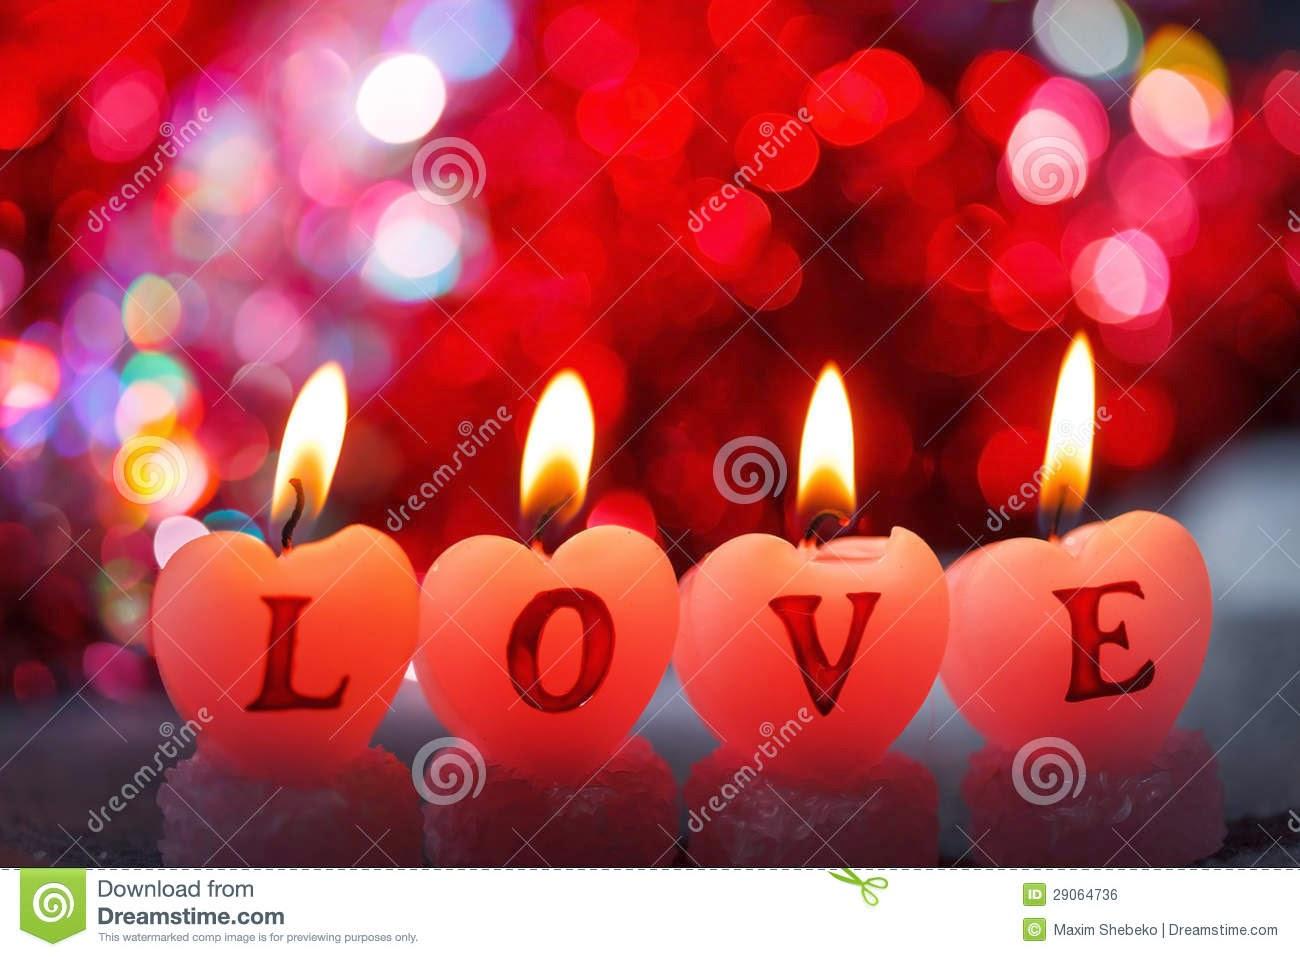 fotos romanticas con mensajes y frases animadas, descargar imagenes animadas